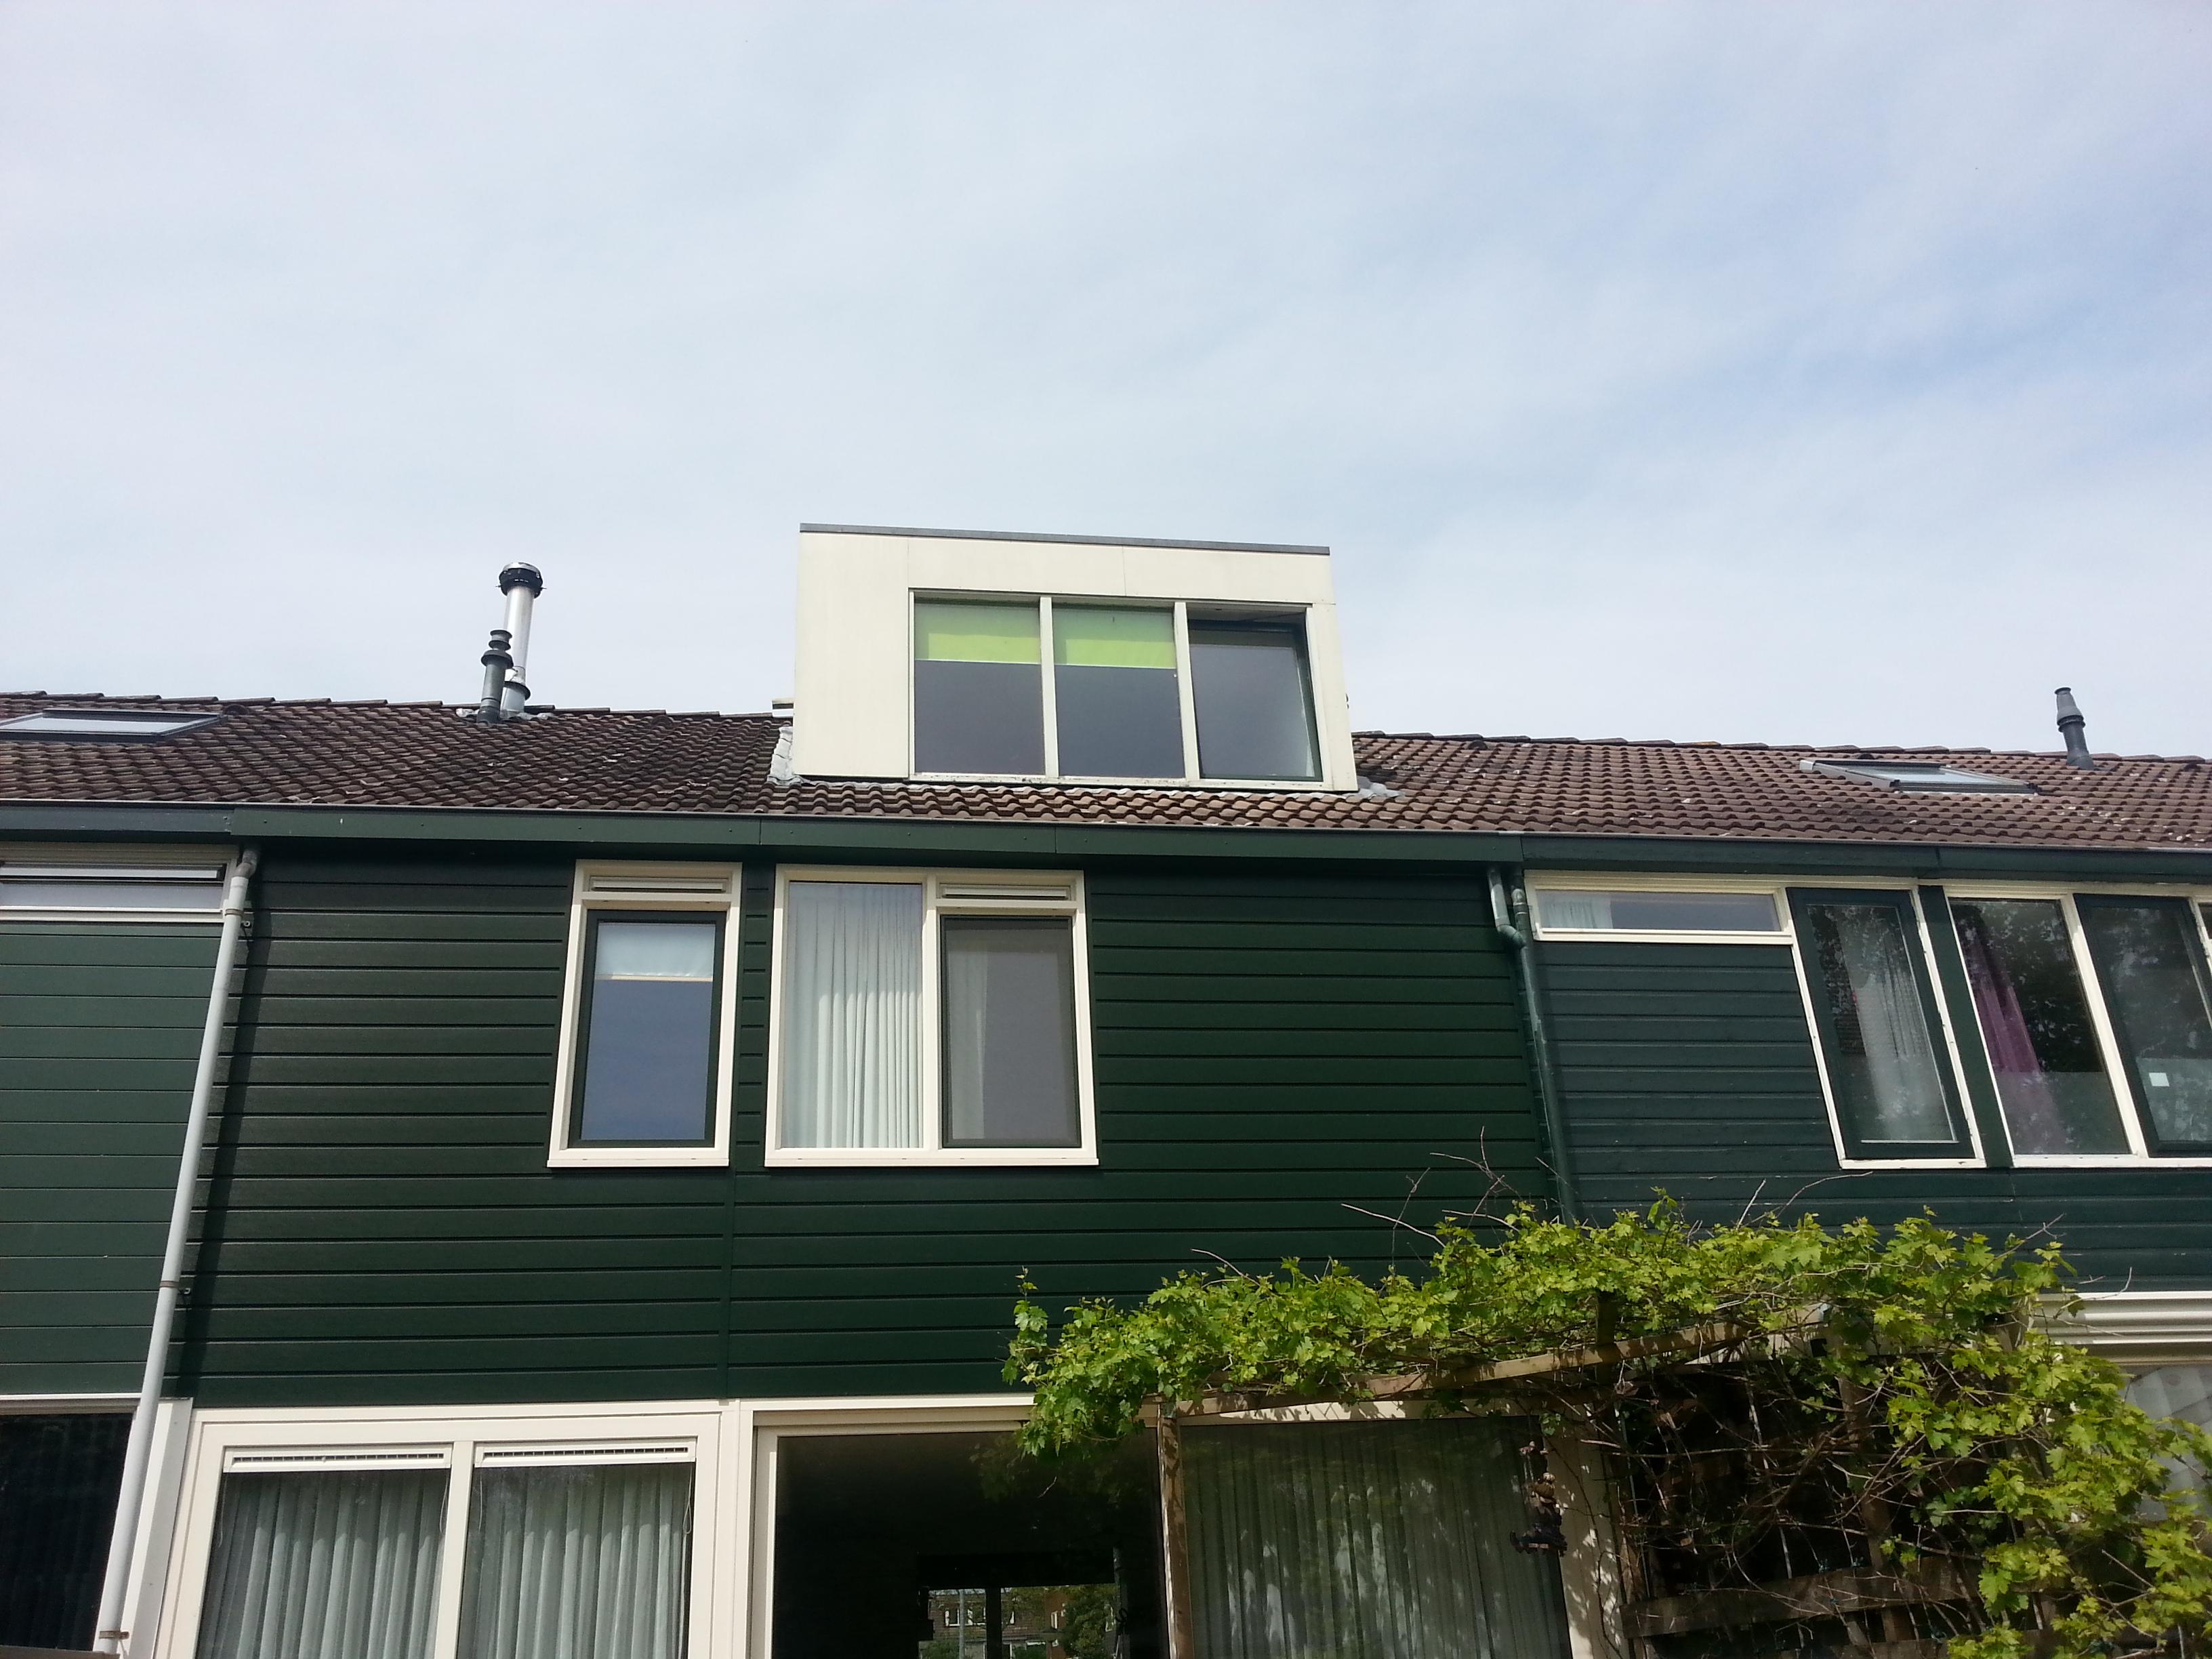 Schilder gezocht lelystad dakkapel schilderen for Schilder en behanger gezocht